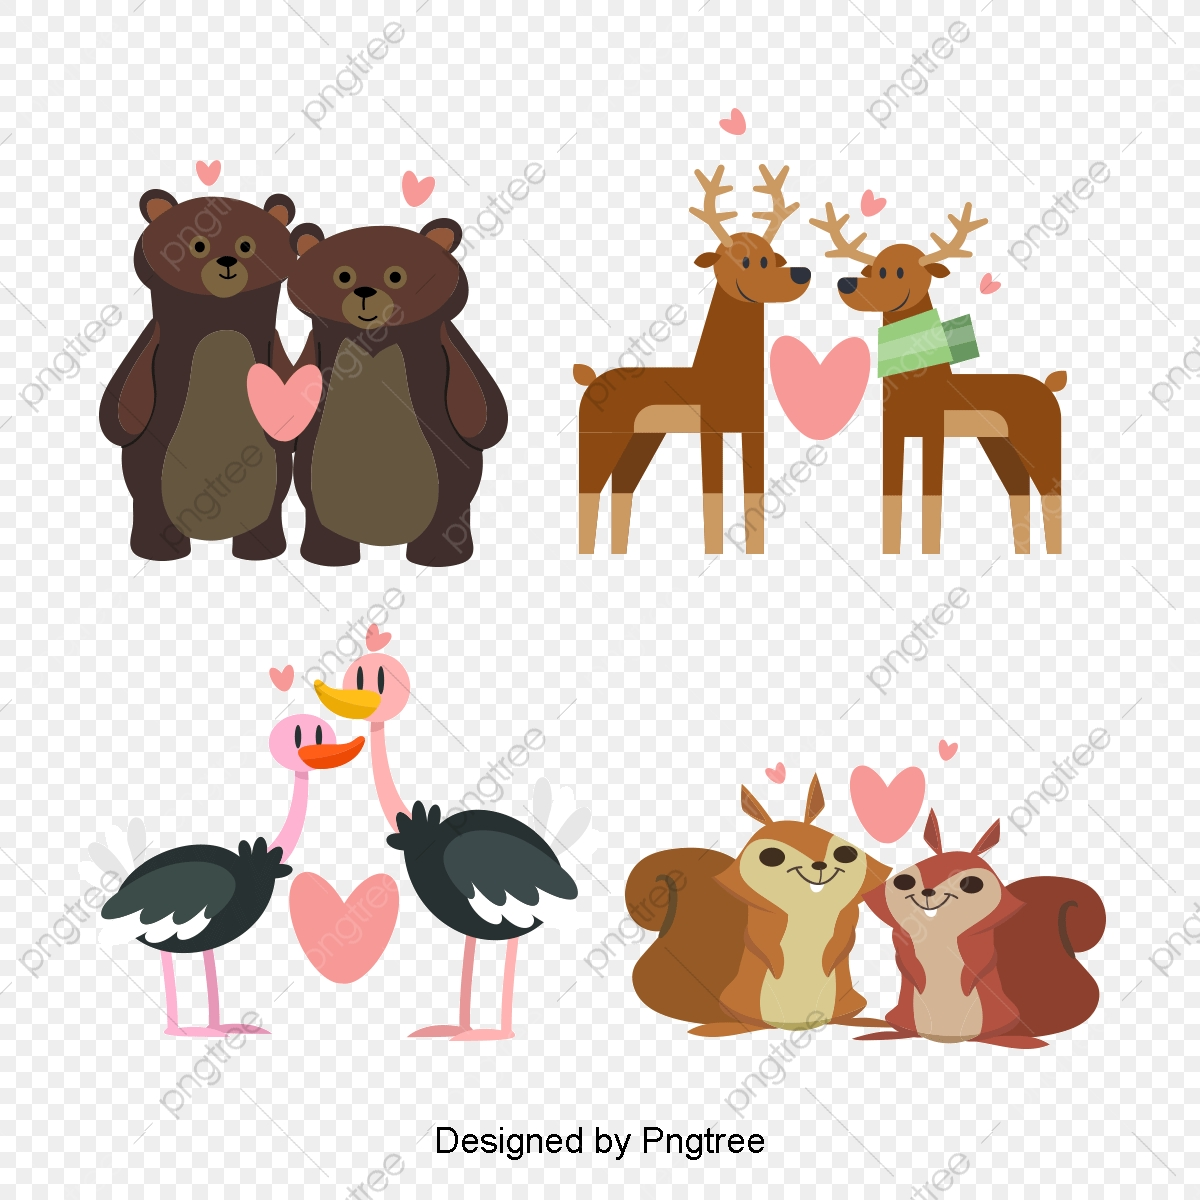 la main de la faune sauvage animal sauvage croquis de l animal peint  u00e0 la main des animaux png